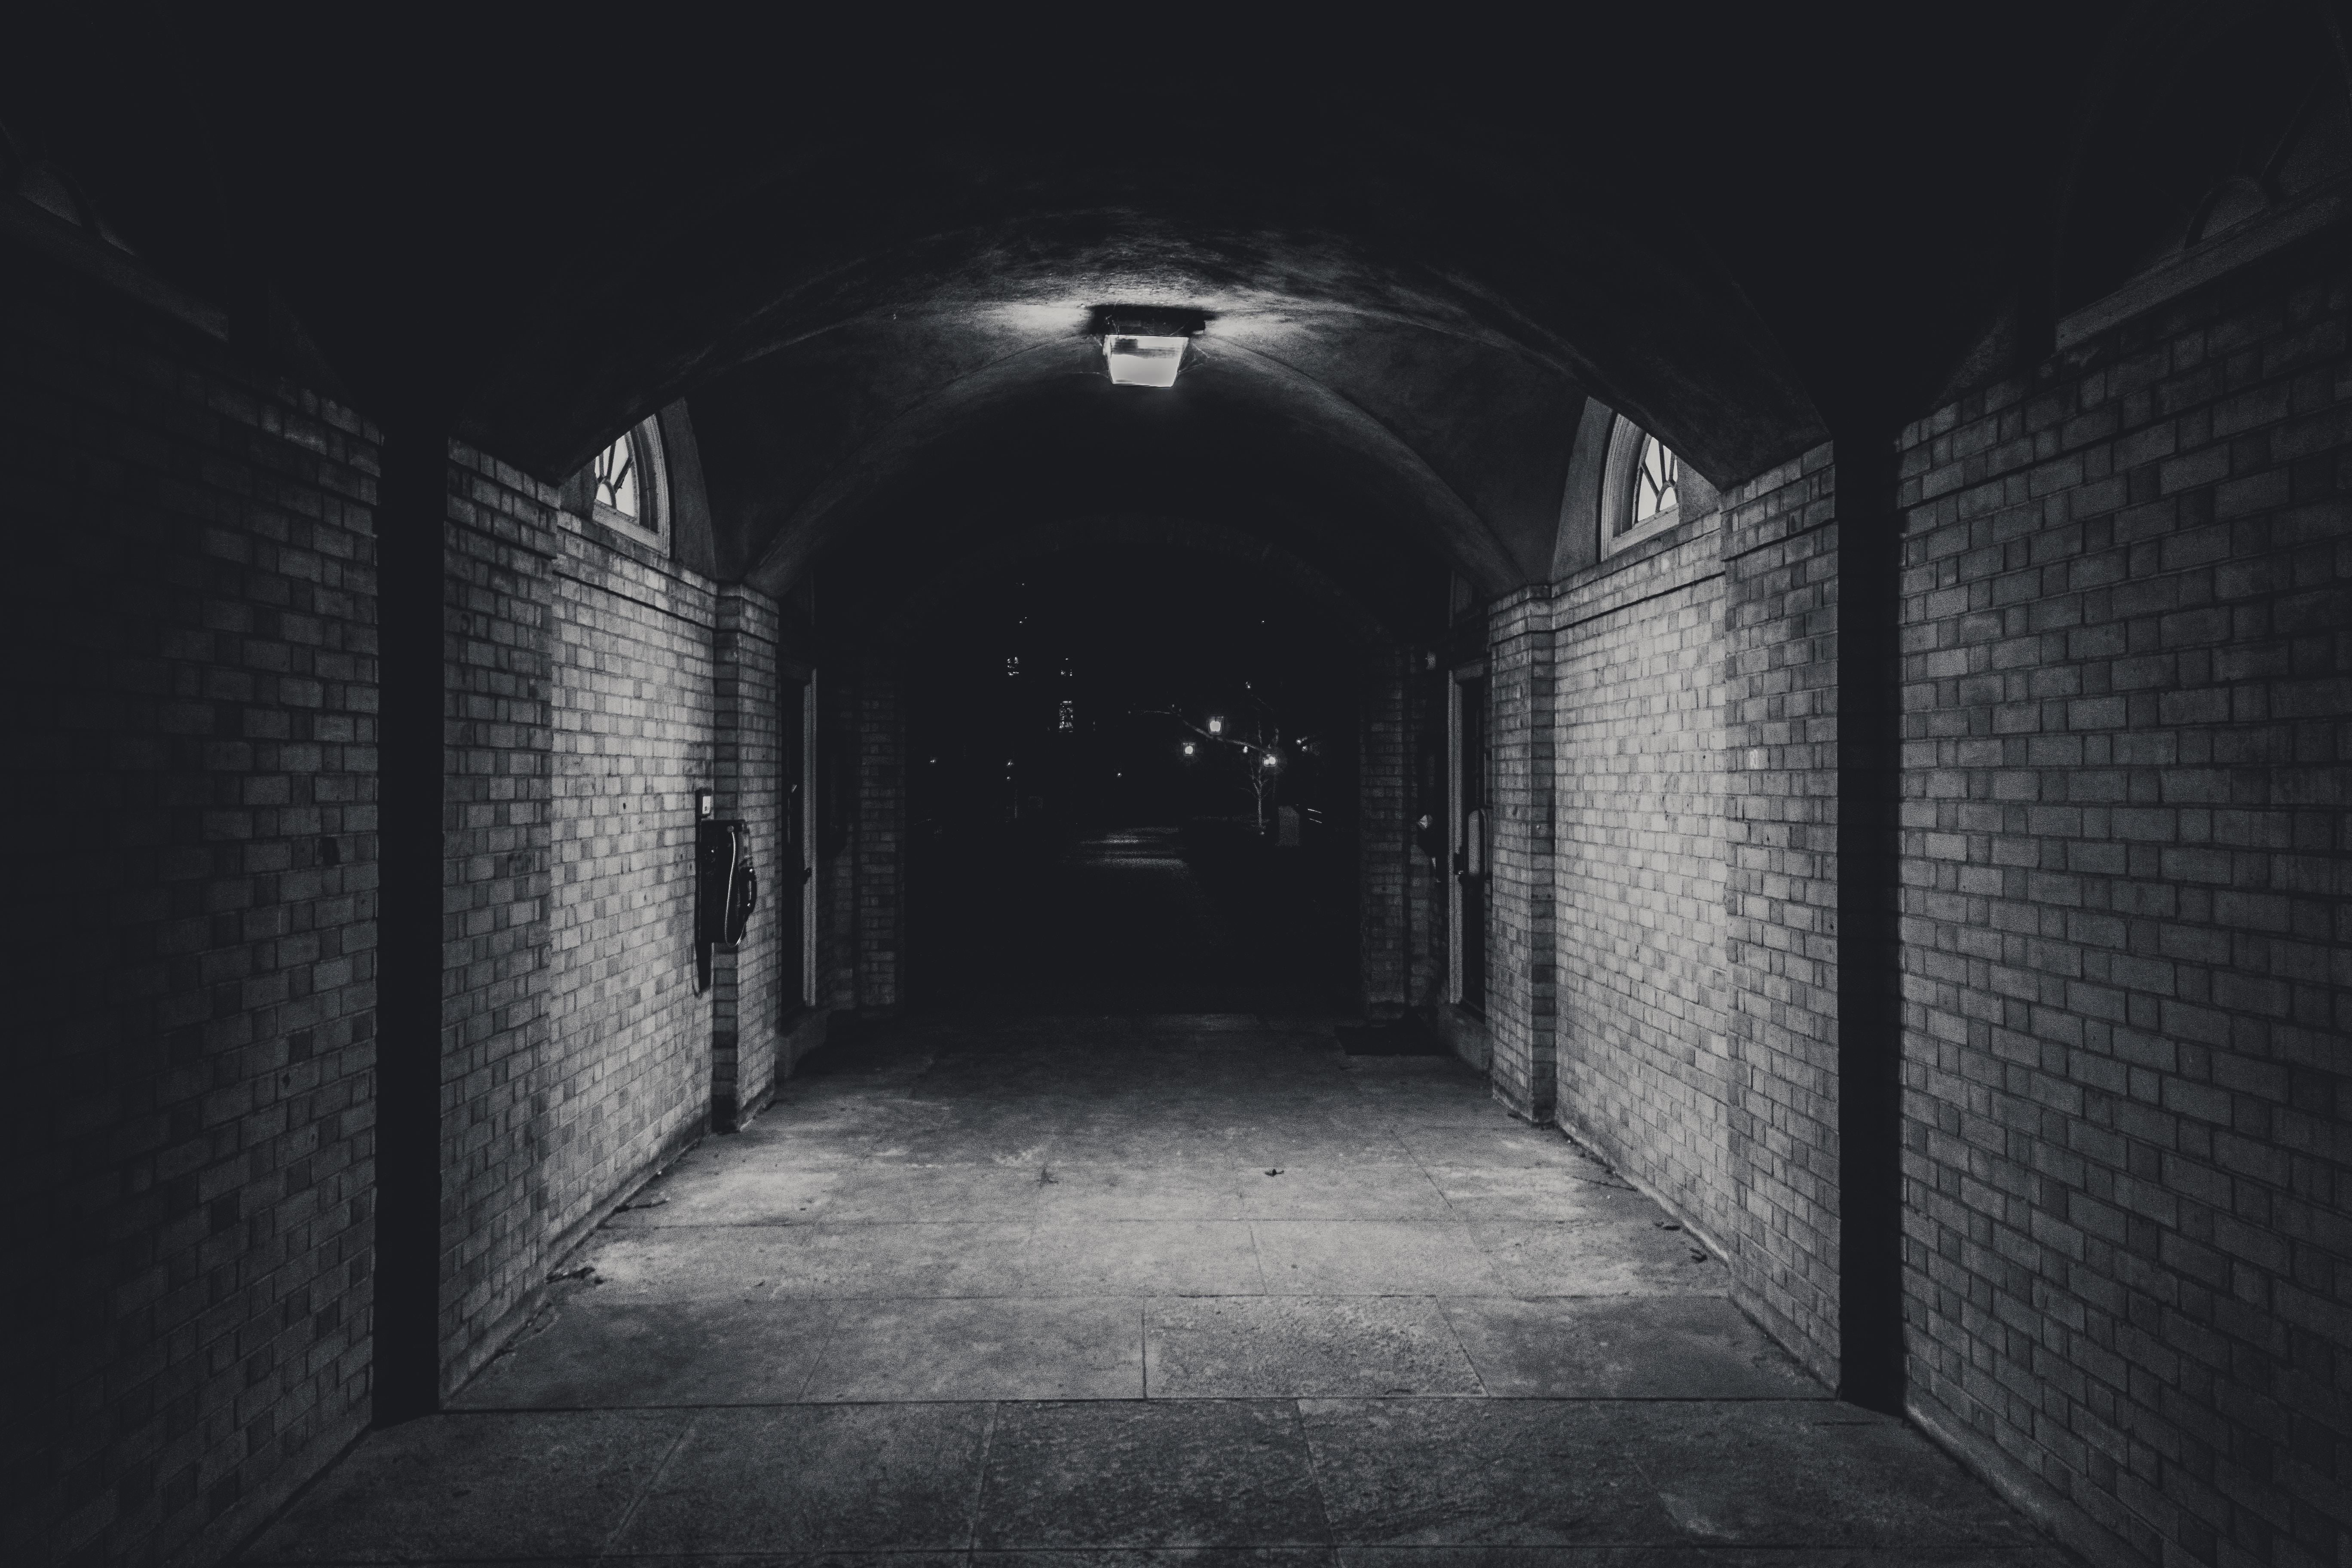 A dark underground pathway.